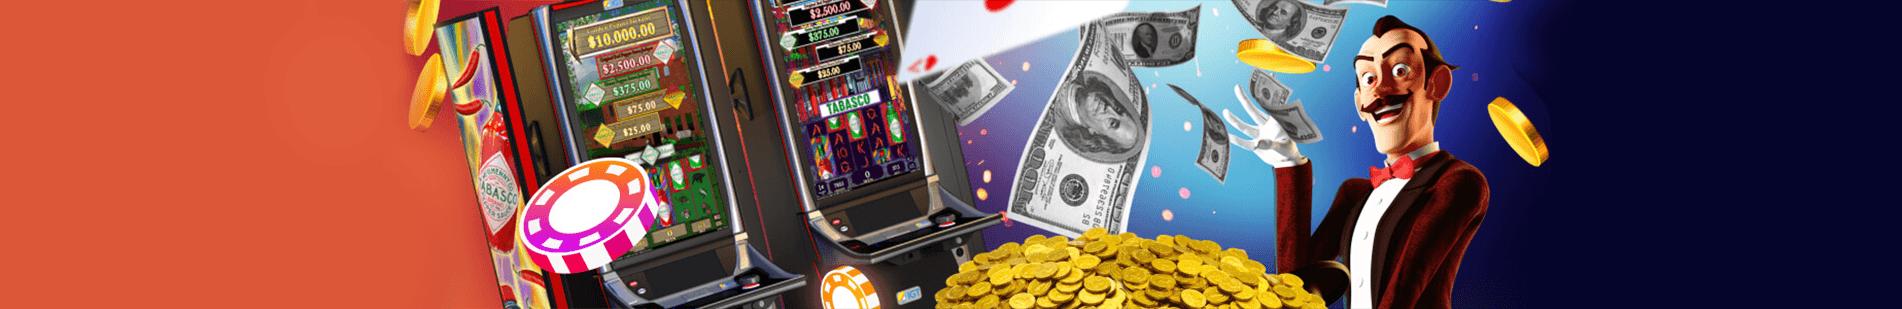 Ігрові автомати на гроші в ГГБет казино онлайн